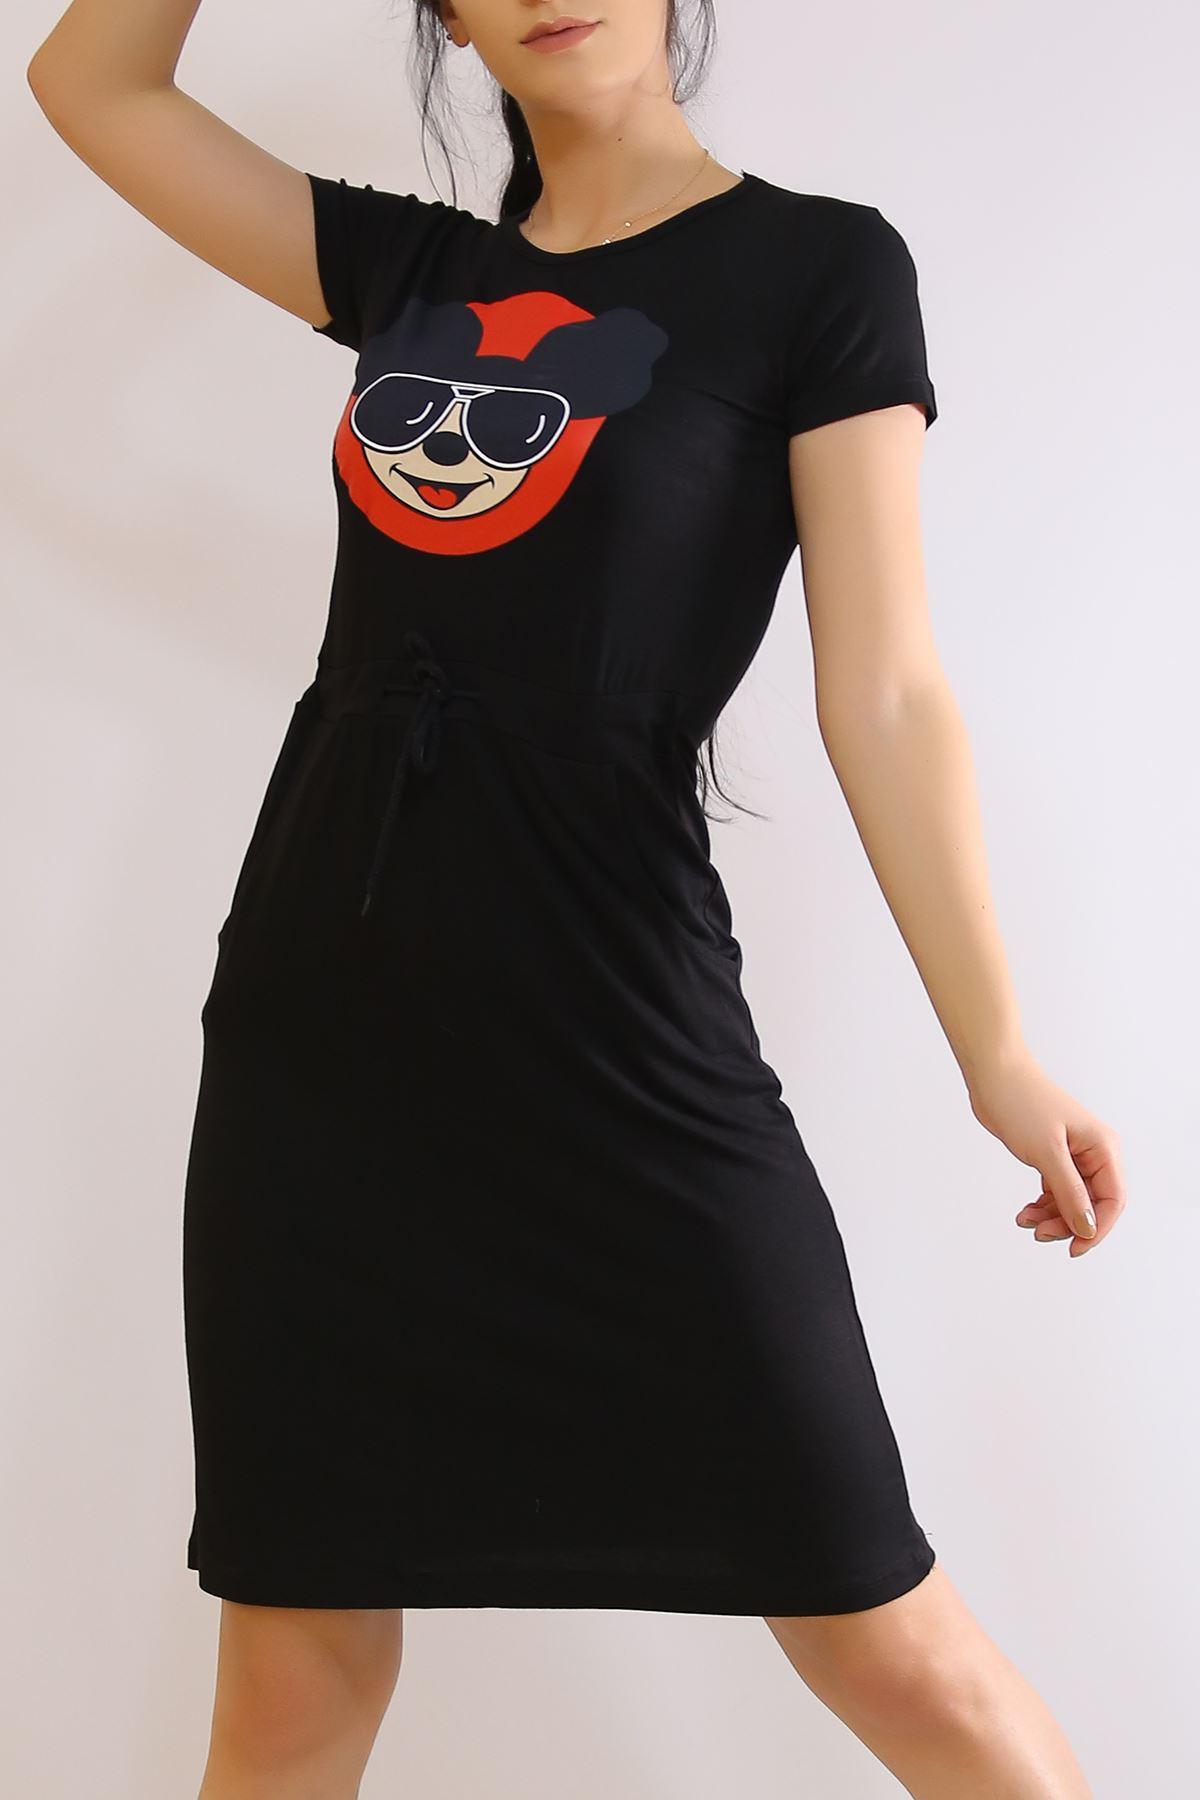 Kısa Kol Cepli Elbise Siyah - 2353.555.